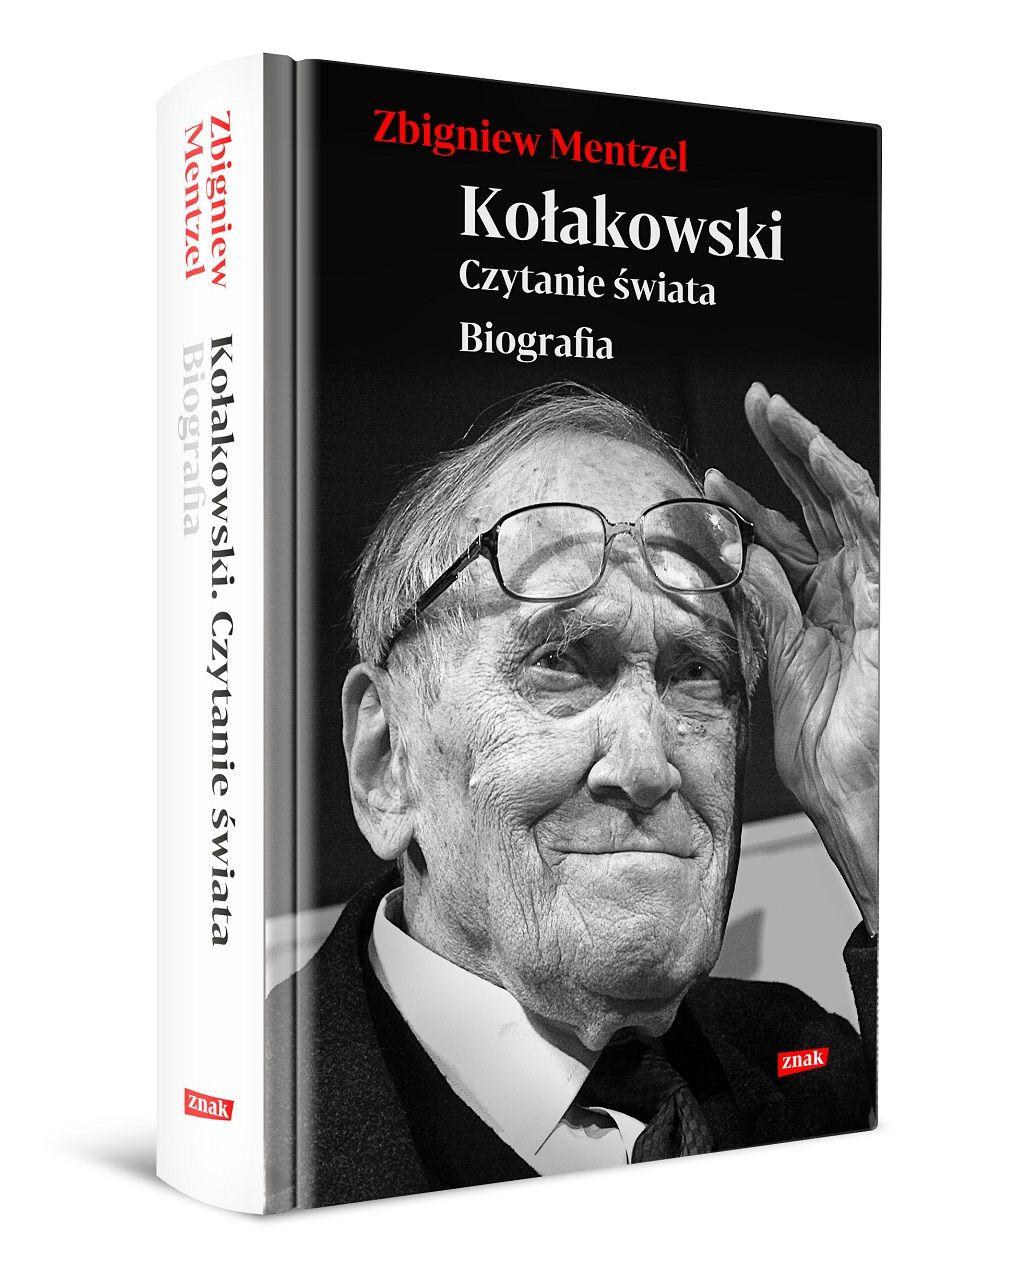 Zbigniew Mentzel – Kołakowski. Czytanie świata. Biografia